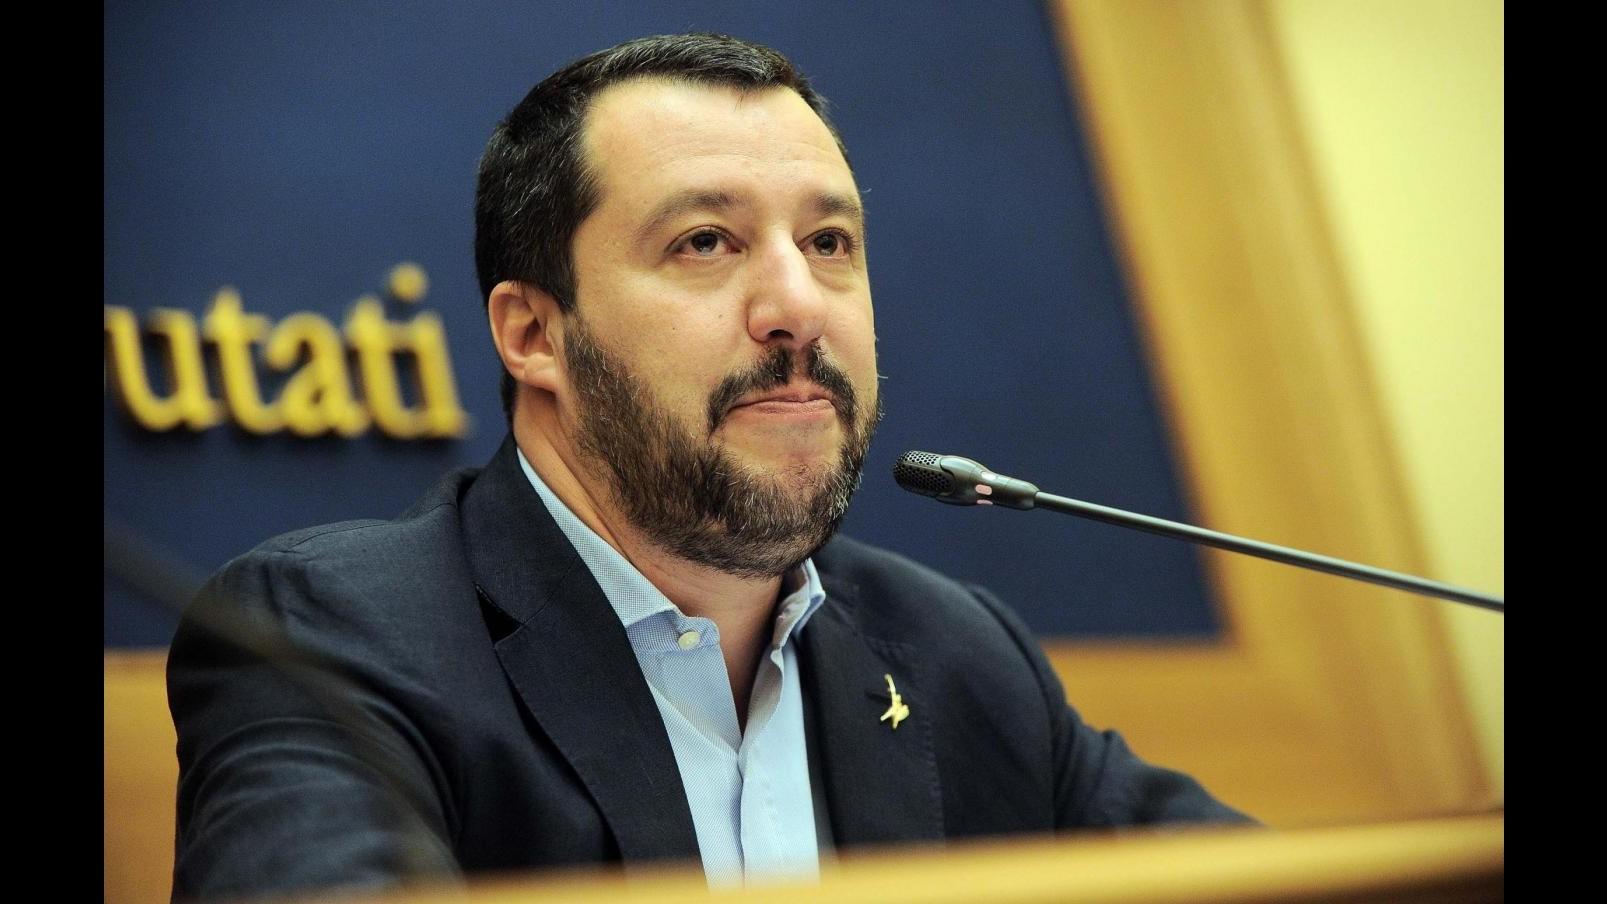 Tangenti, M5s Lombardia: Da Salvini attacco in perfetto stile Berlusconi